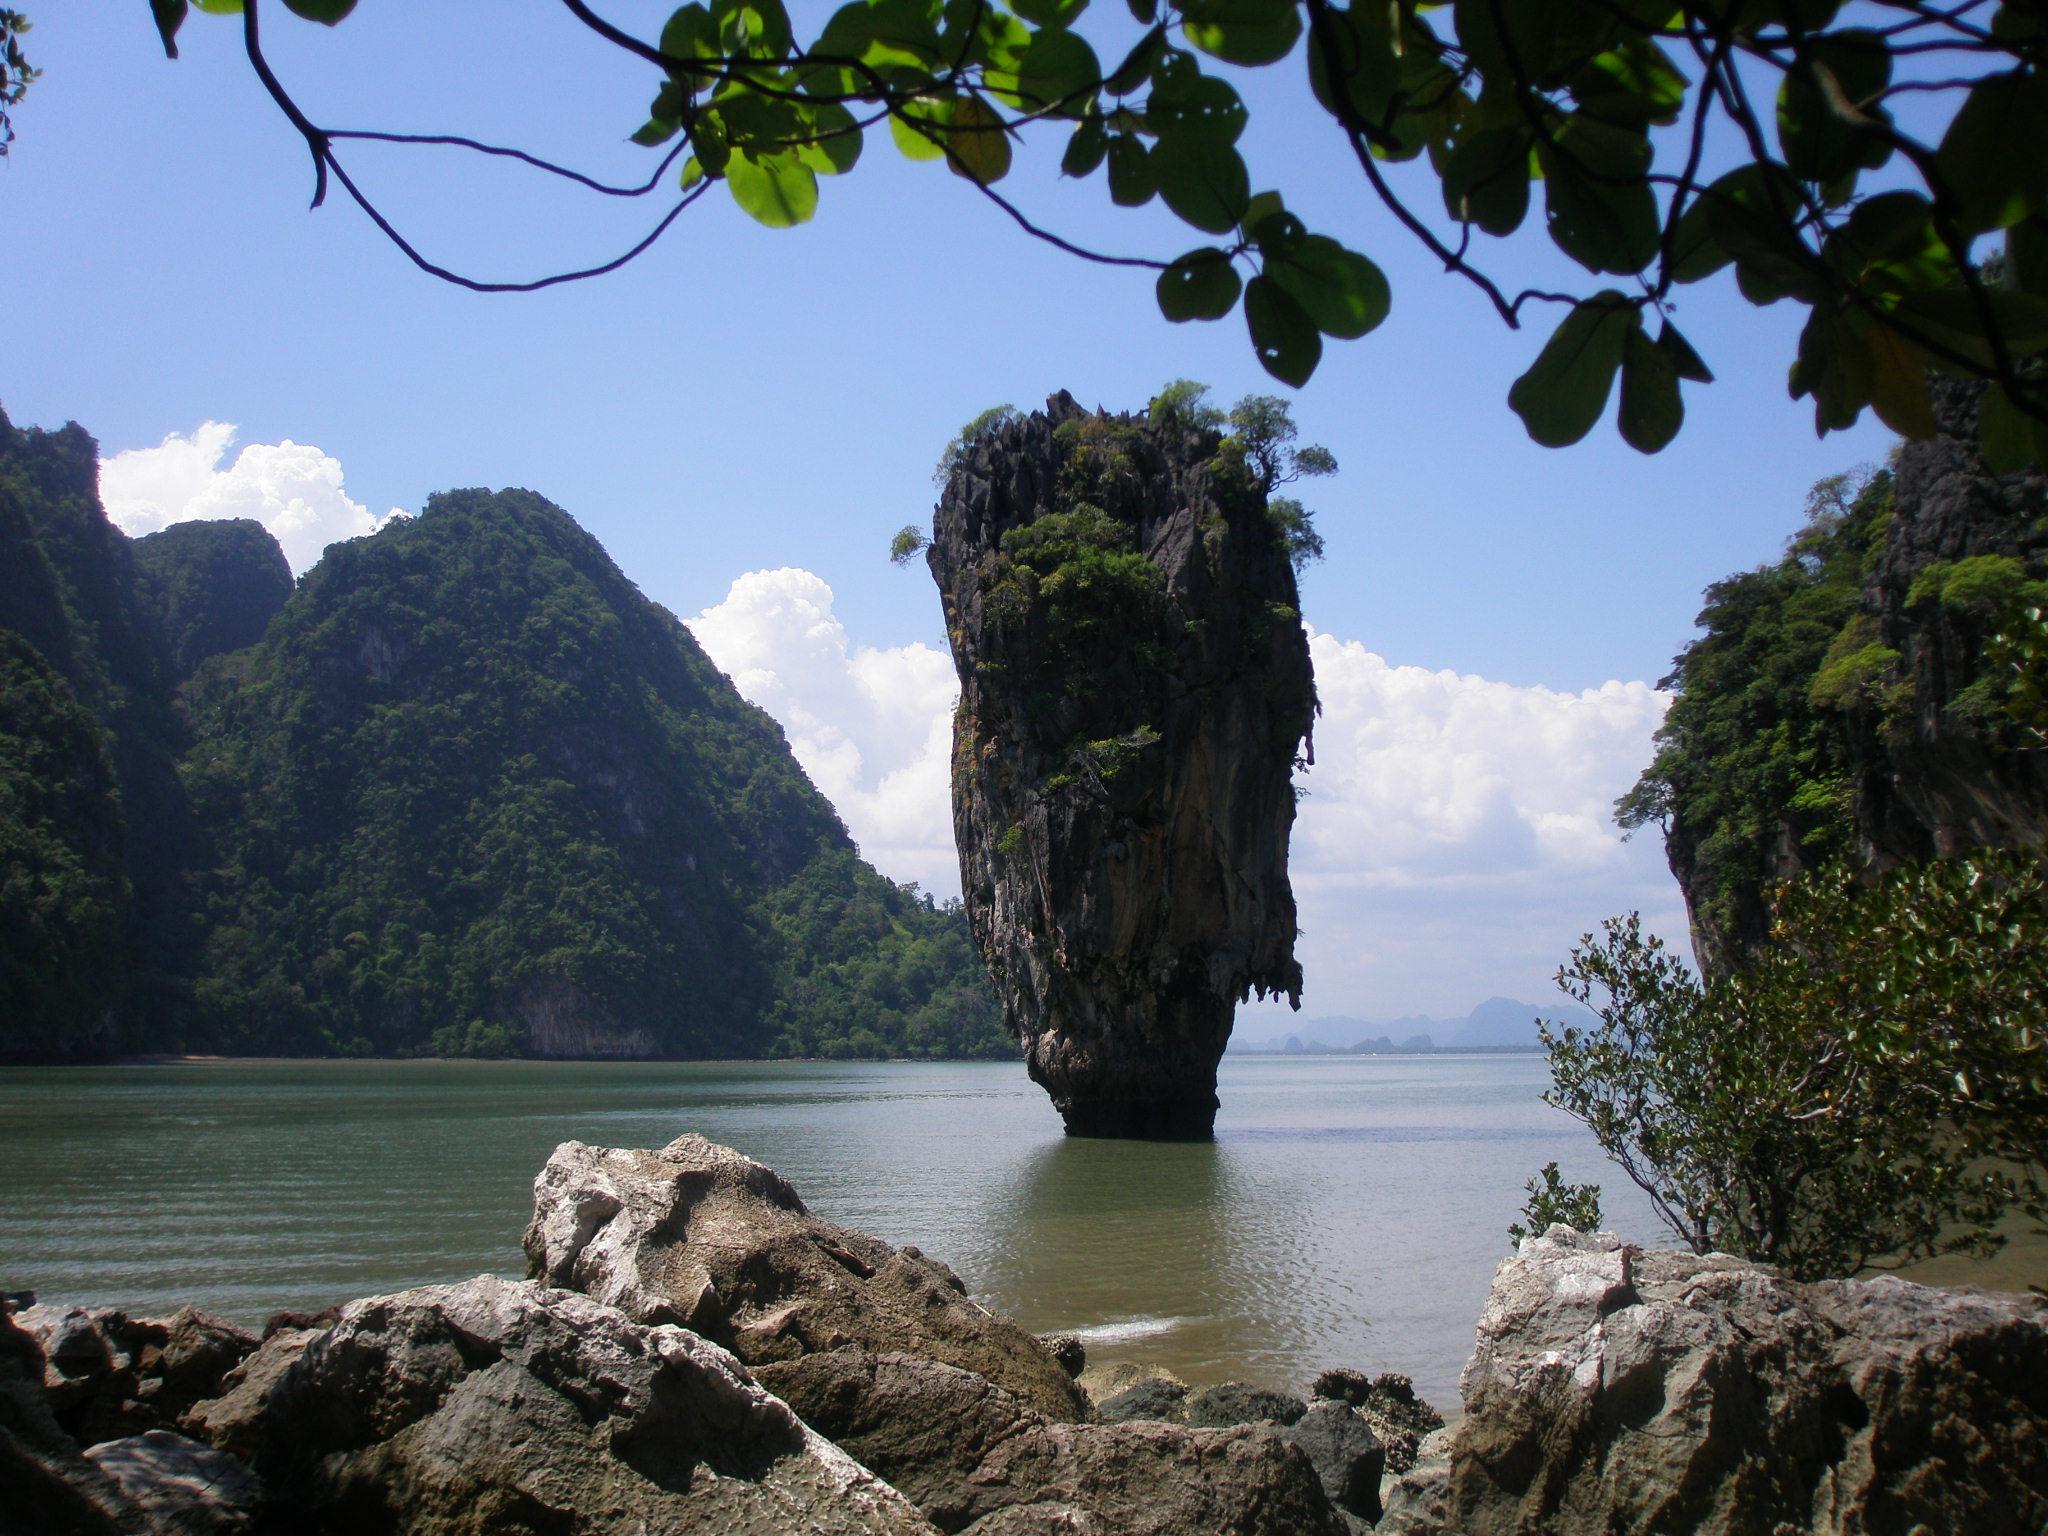 A Phuket Day Trip To Phang Nga Bay S James Bond Island